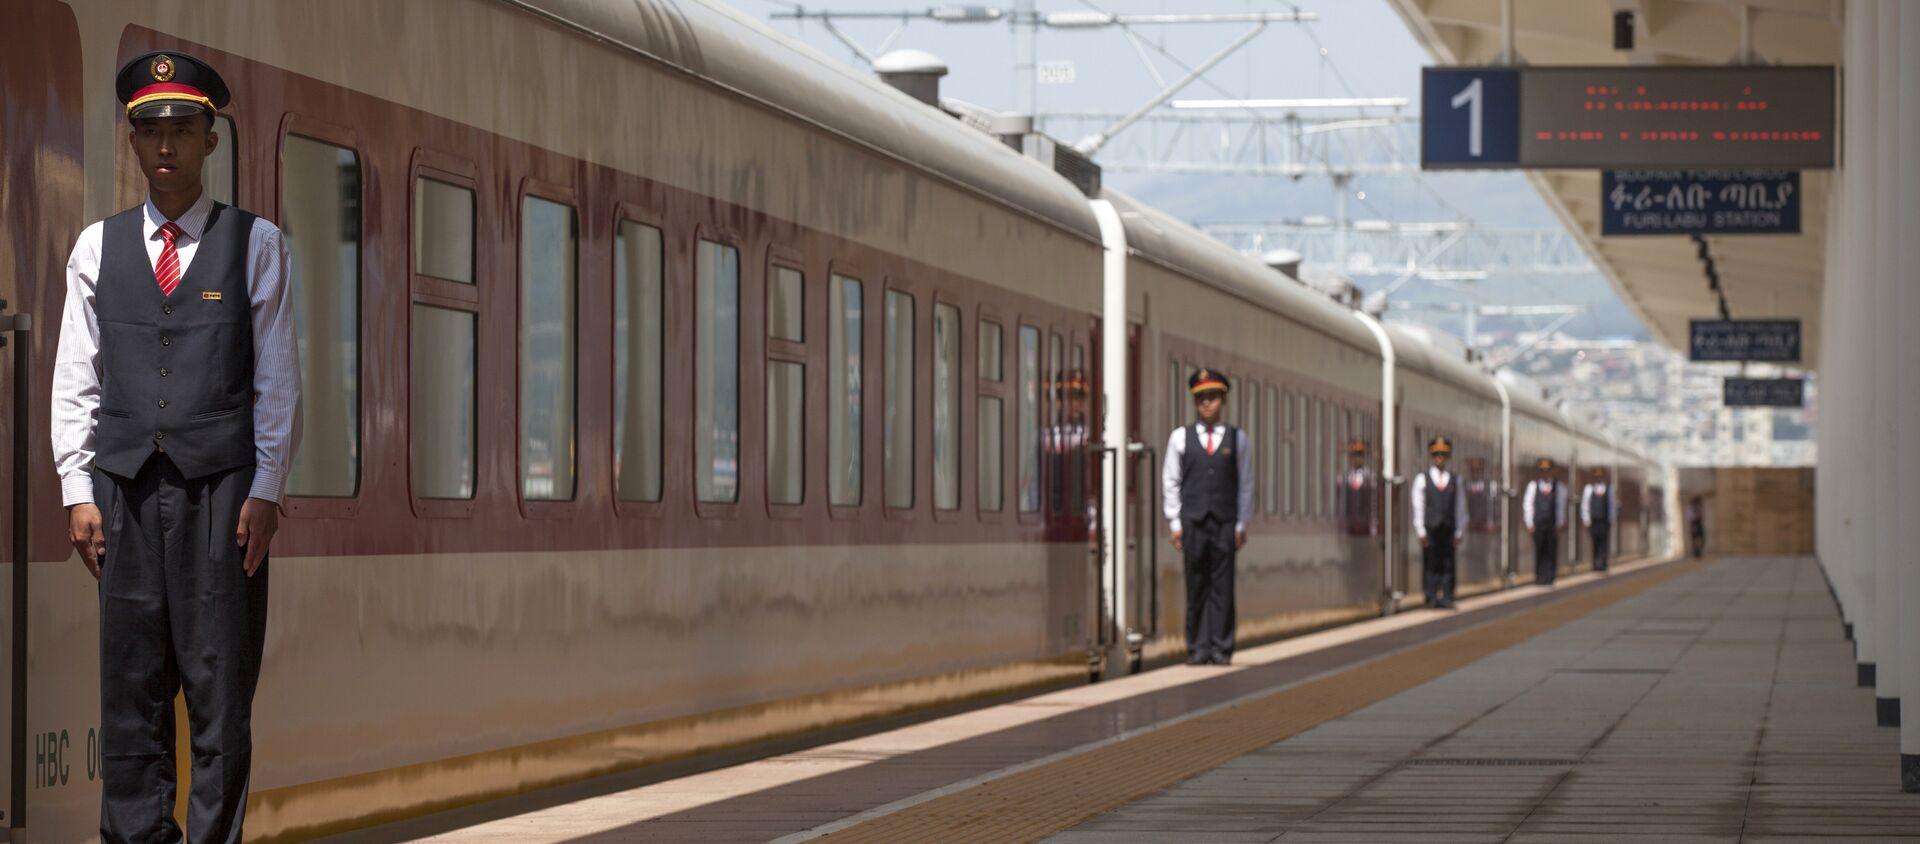 La ferrovia tra Addis Abeba e il Gibuti costruita con gli investimenti cinesi - Sputnik Italia, 1920, 27.04.2017